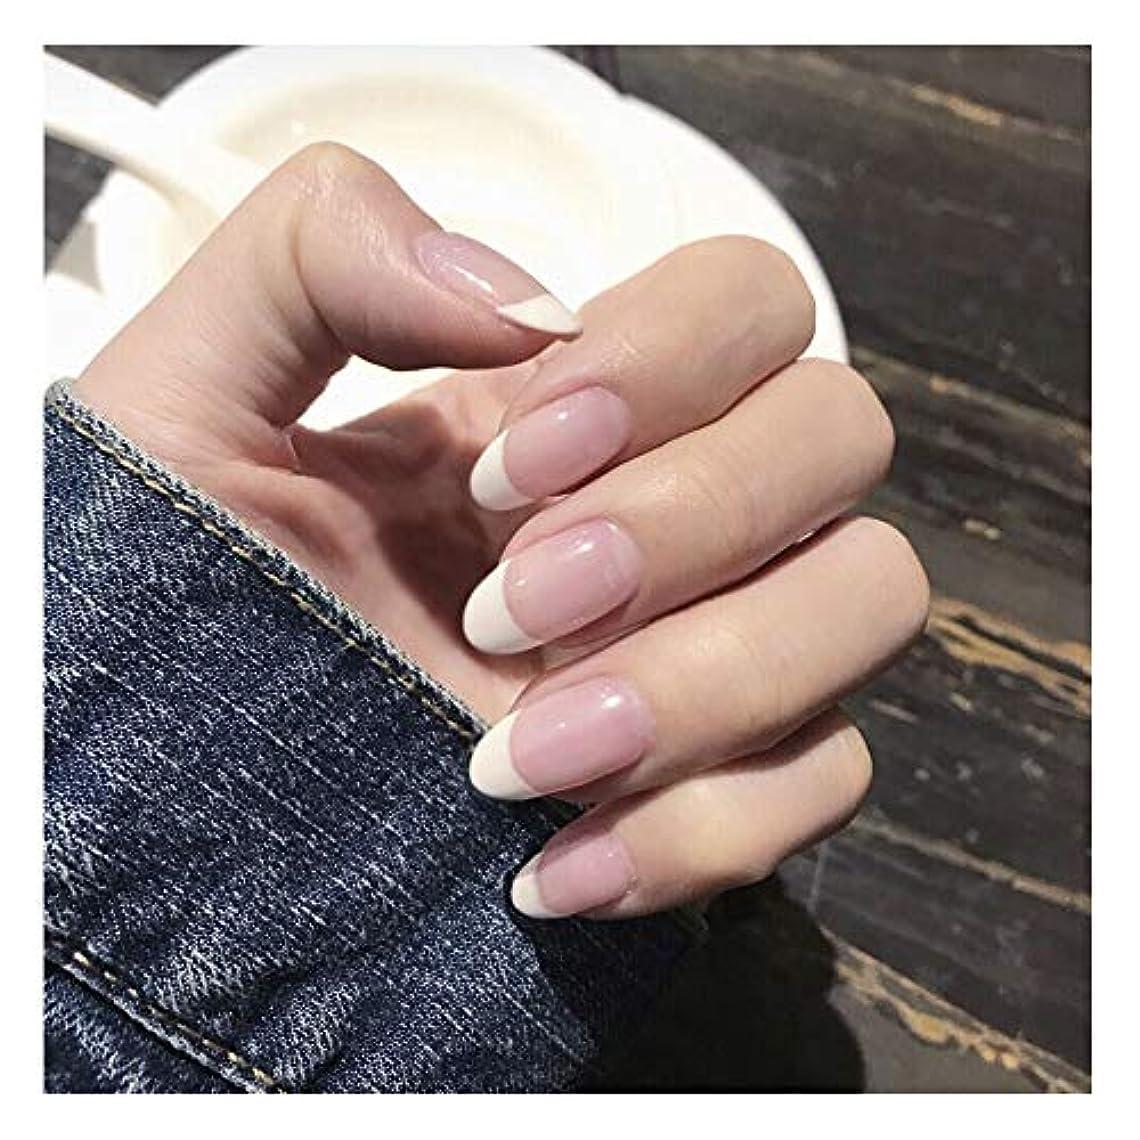 知る翻訳者先見の明YESONEEP 透明ピンク+ホワイト下部偽爪ロングネイルズグルー完成ネイル偽爪を指摘しました (色 : 24 pieces)